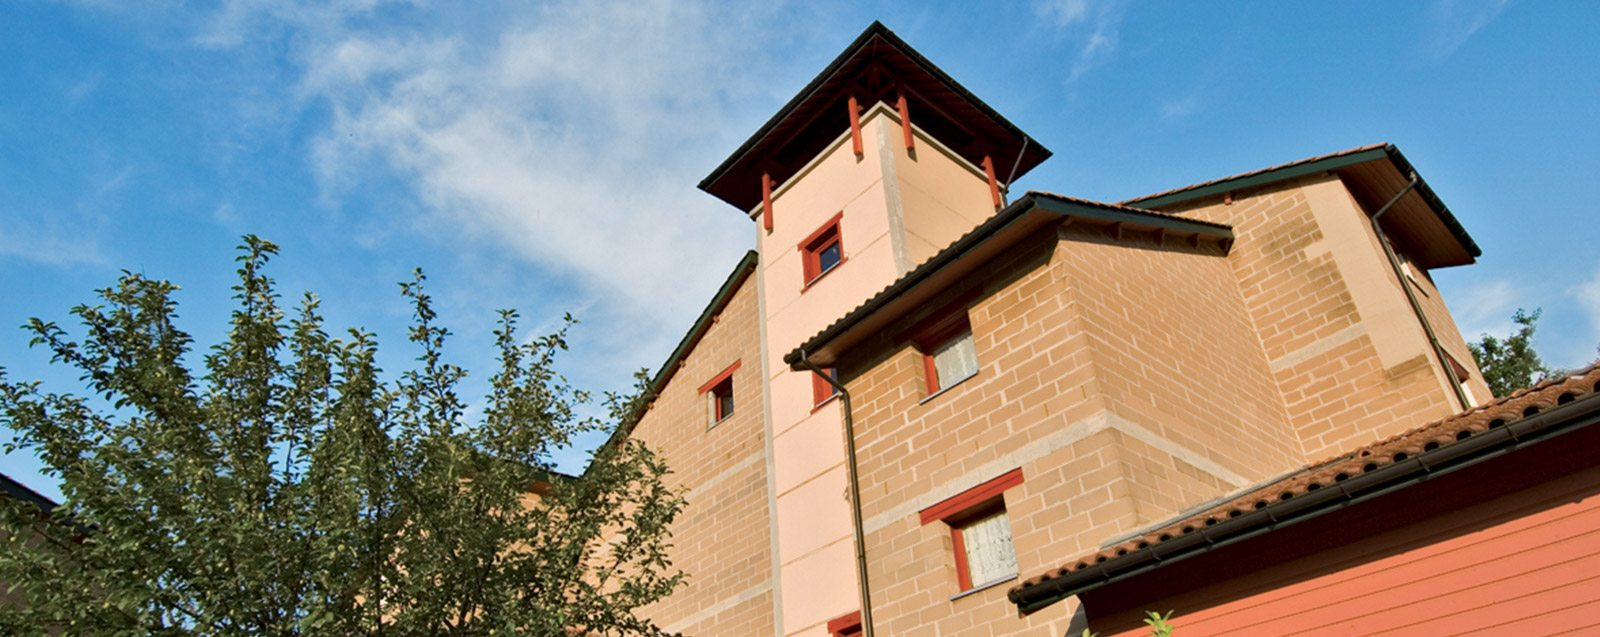 Le Village Terre de Villefontaine, quartier urbain de logement social en terre crue